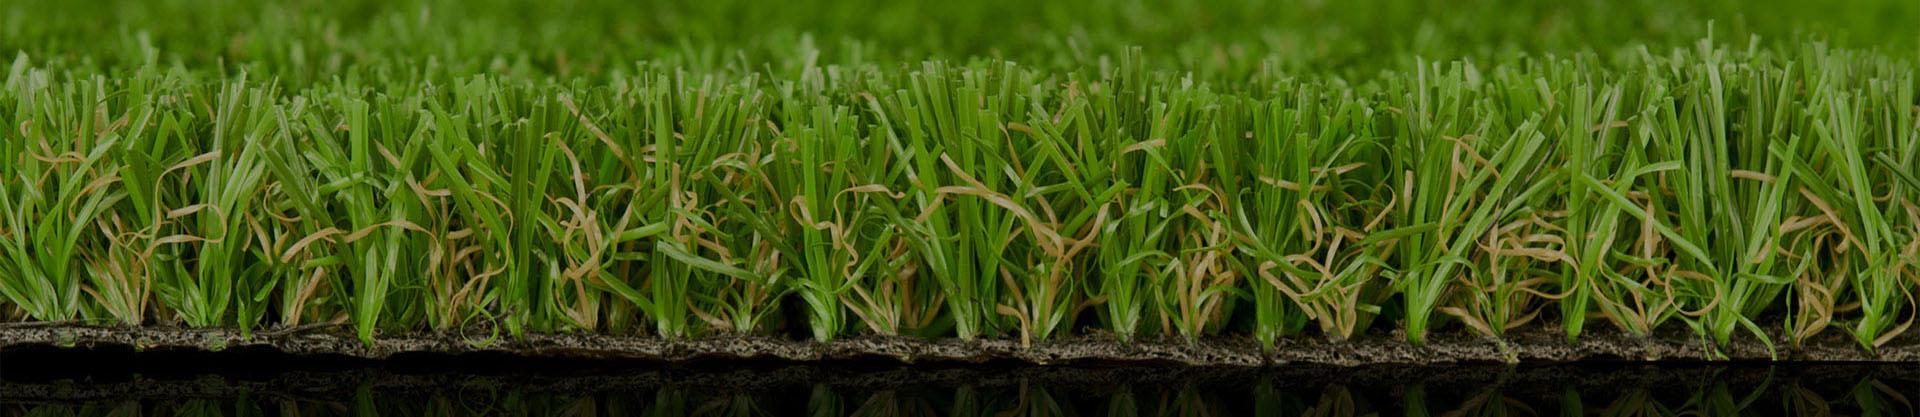 Fylde_Grass_Layer_Slider_Grass_Dark_thin